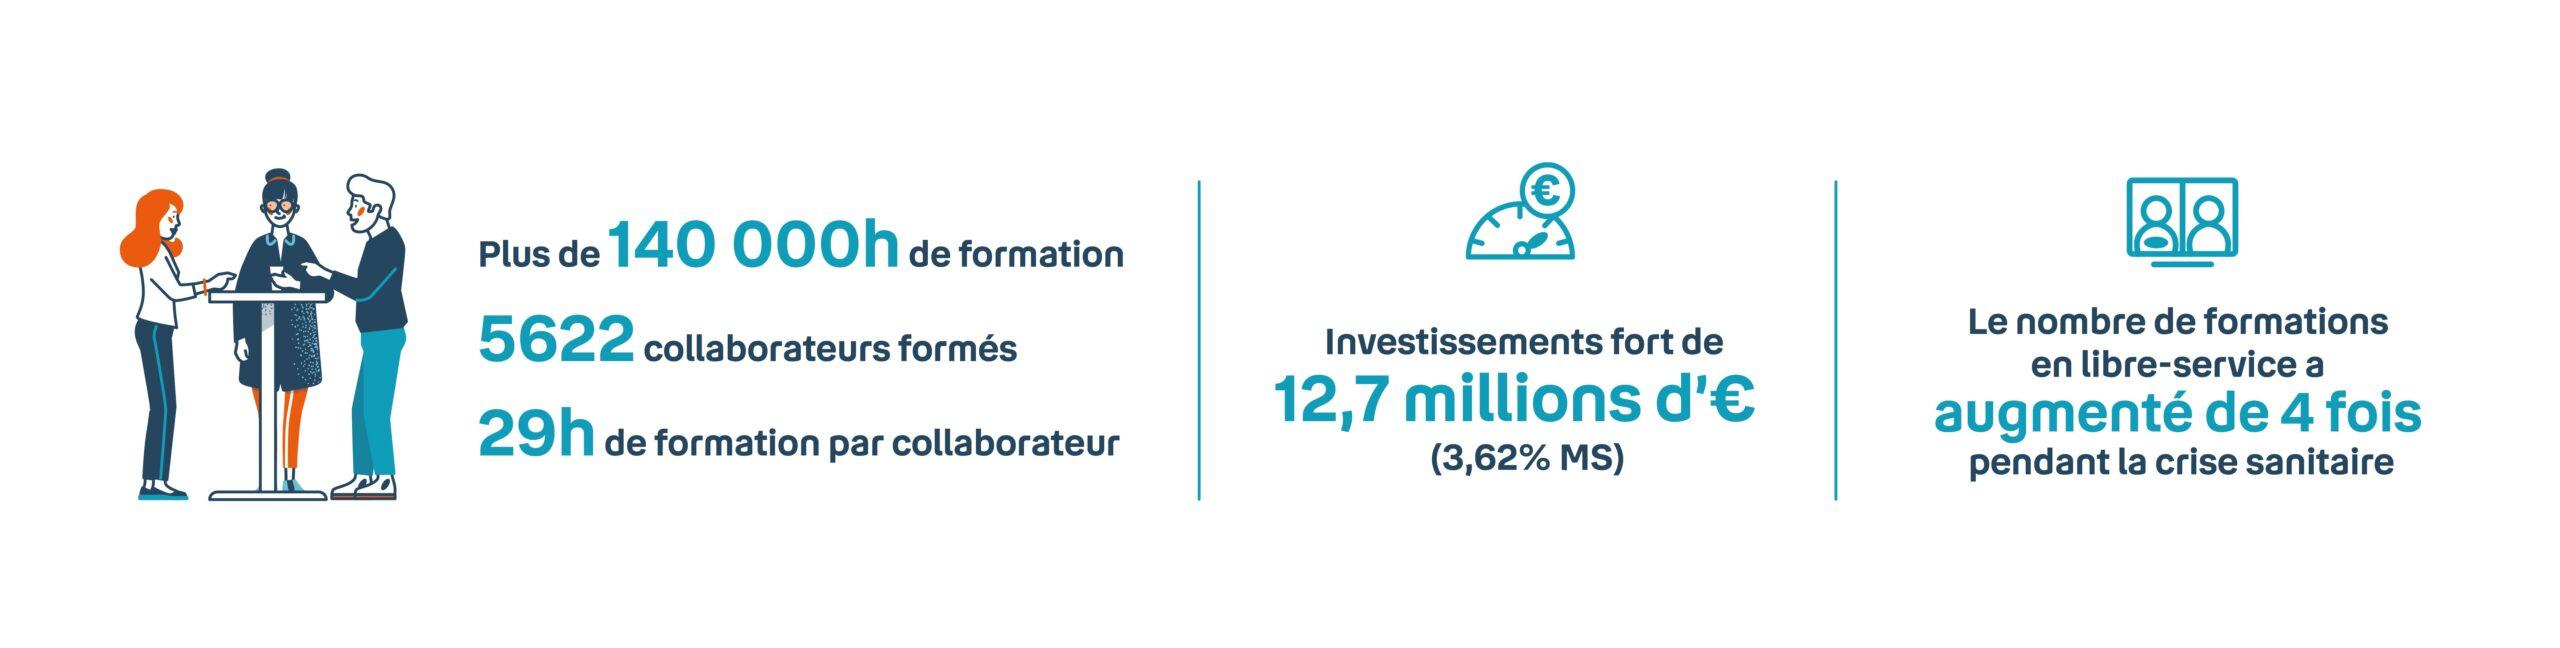 Infographie - Chiffres Clés sur les formations Bouygues Telecom 2021